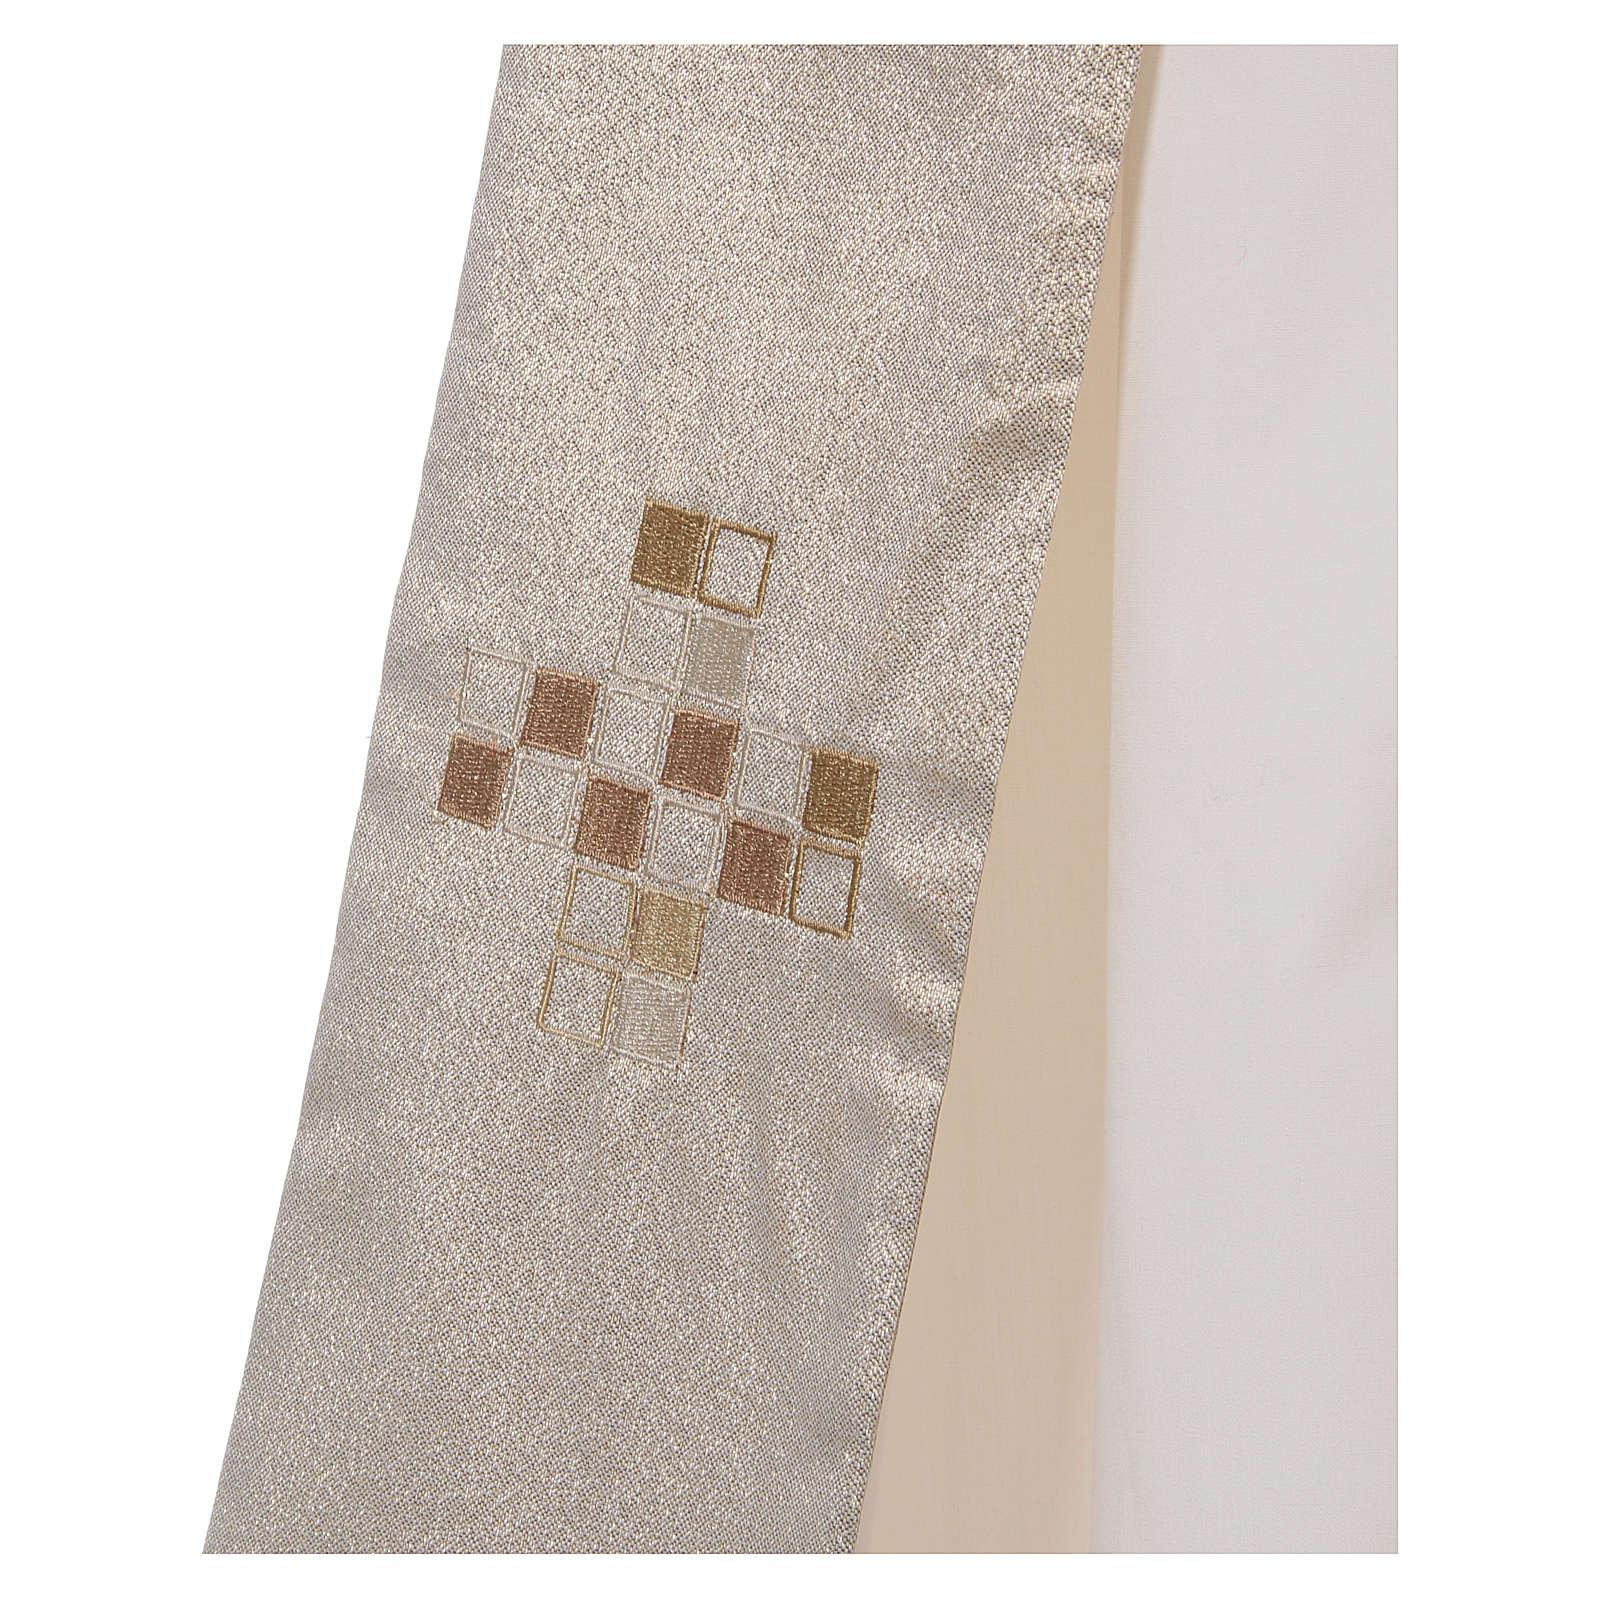 Diaconal stole, golden 4